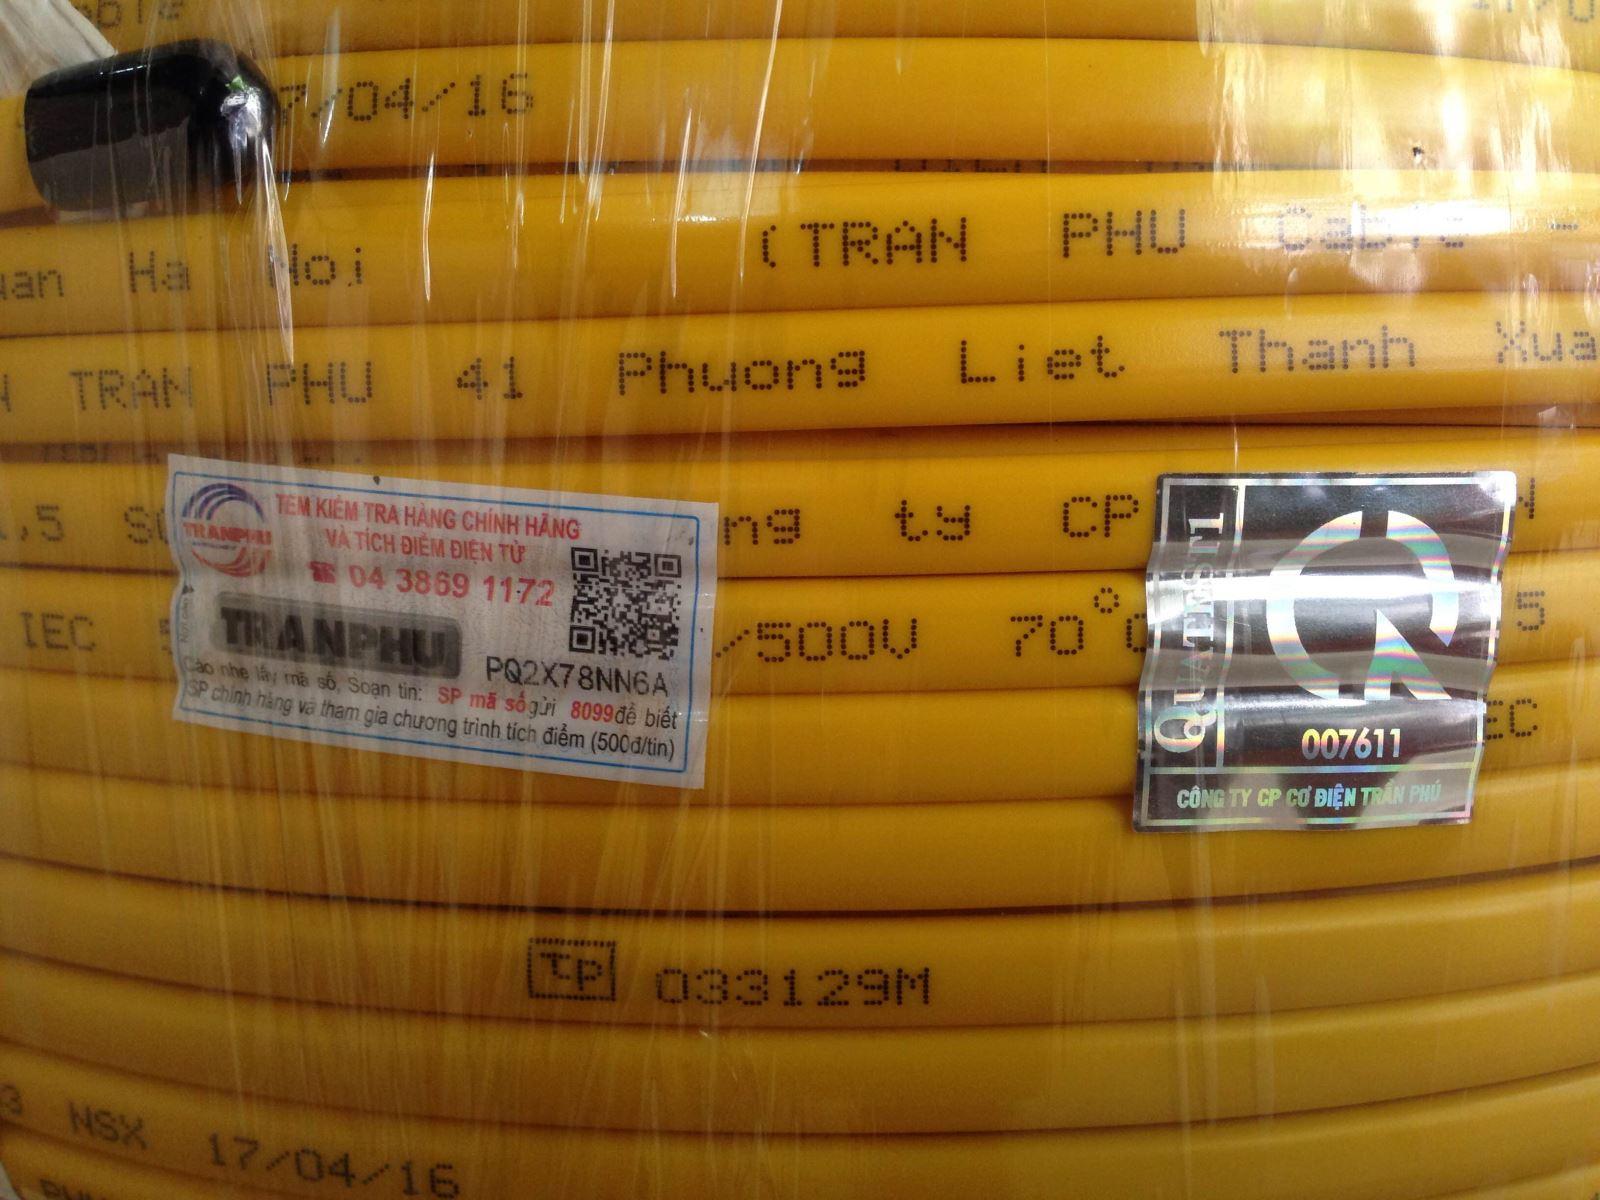 Cách kiểm tra dây điện Trần Phú chính hãng